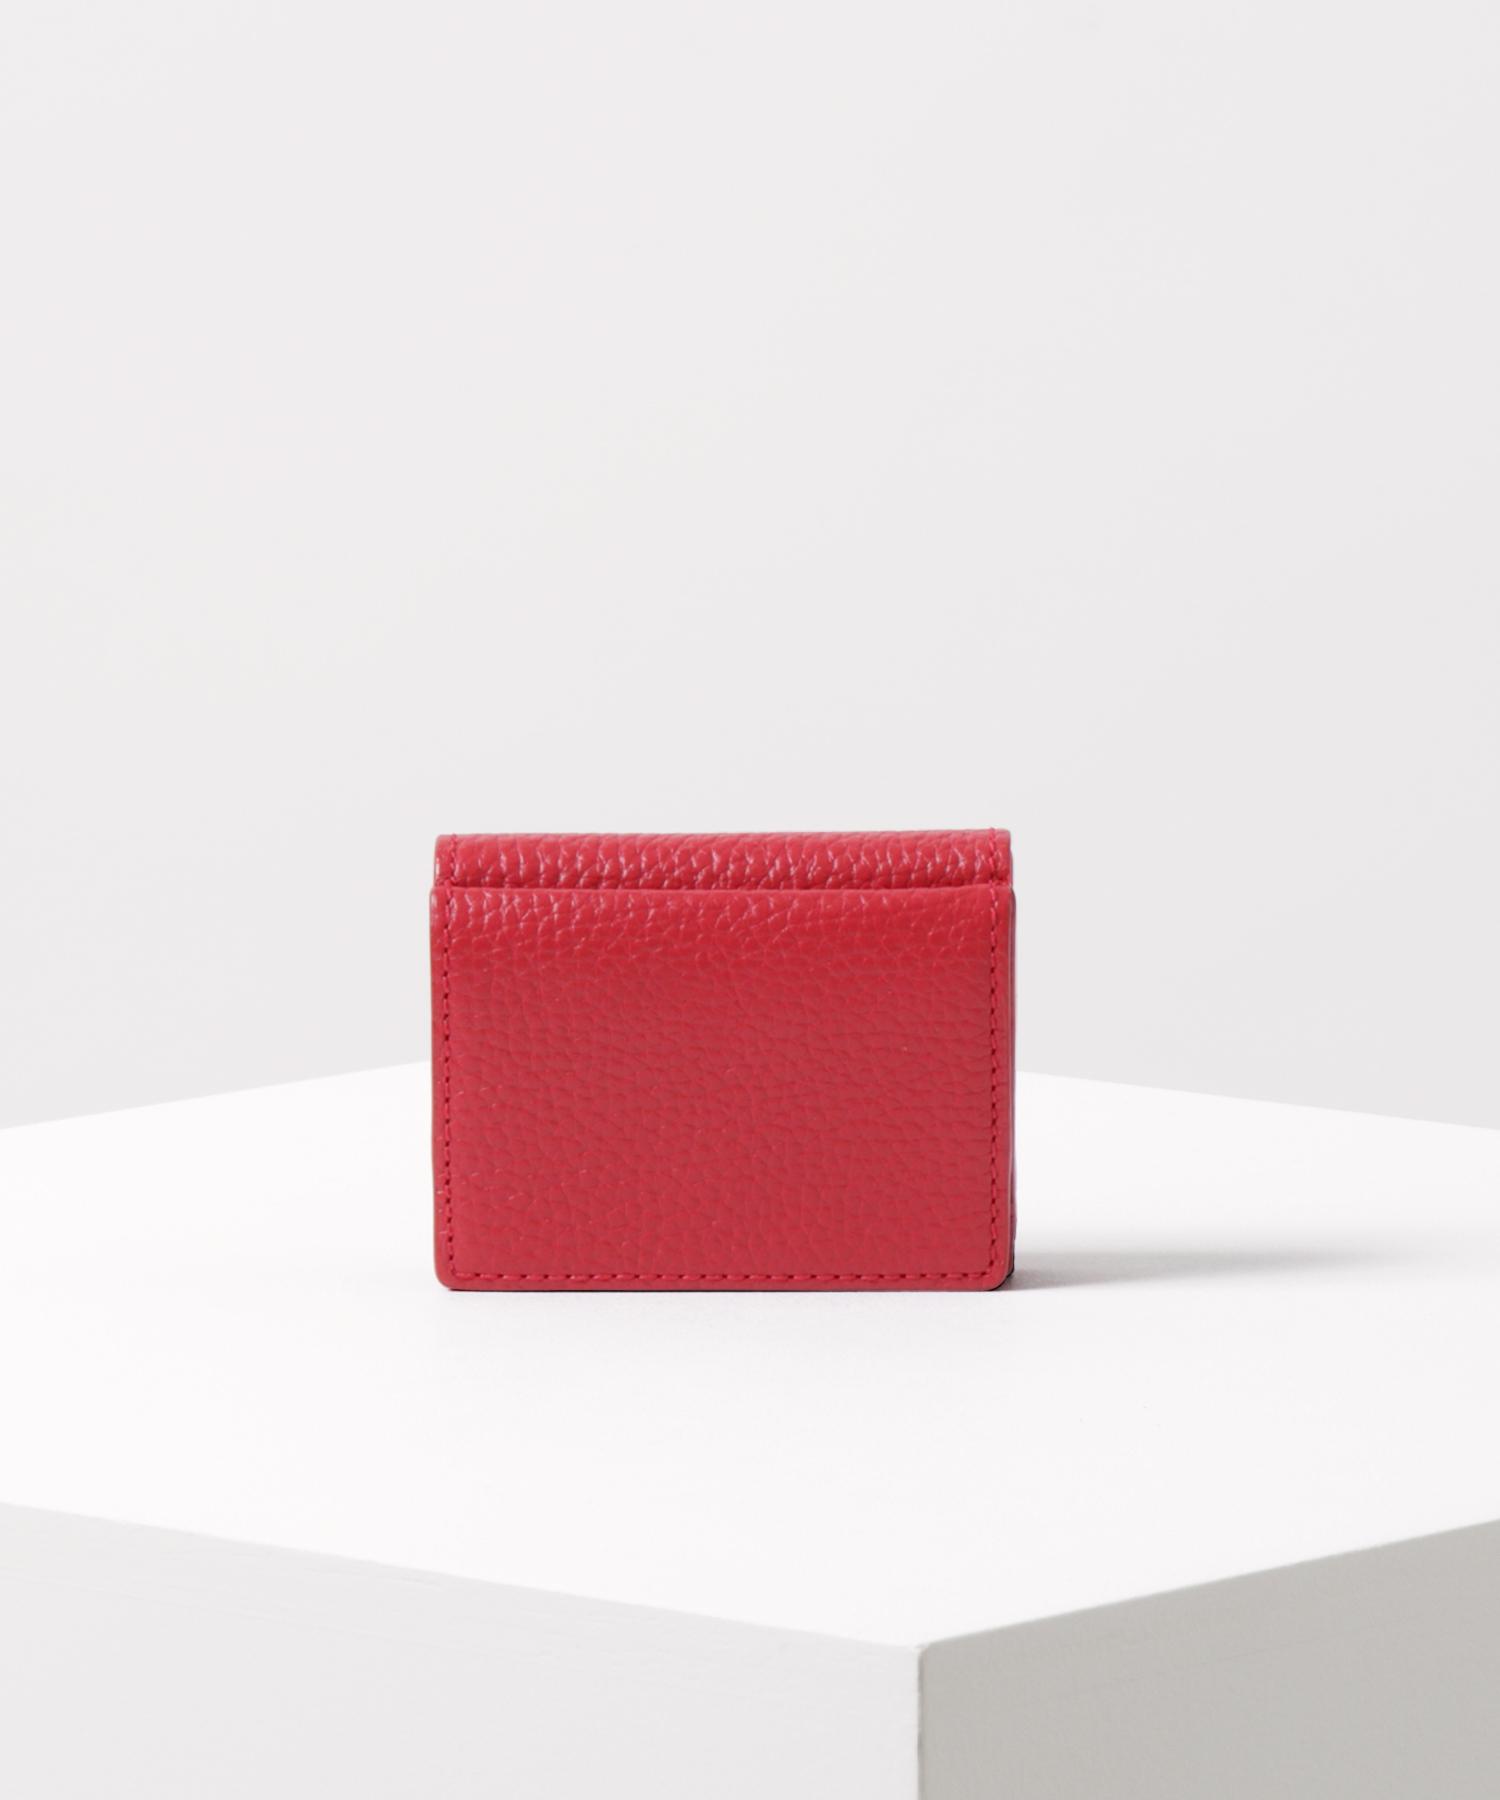 ミニマリズム 三つ折り財布